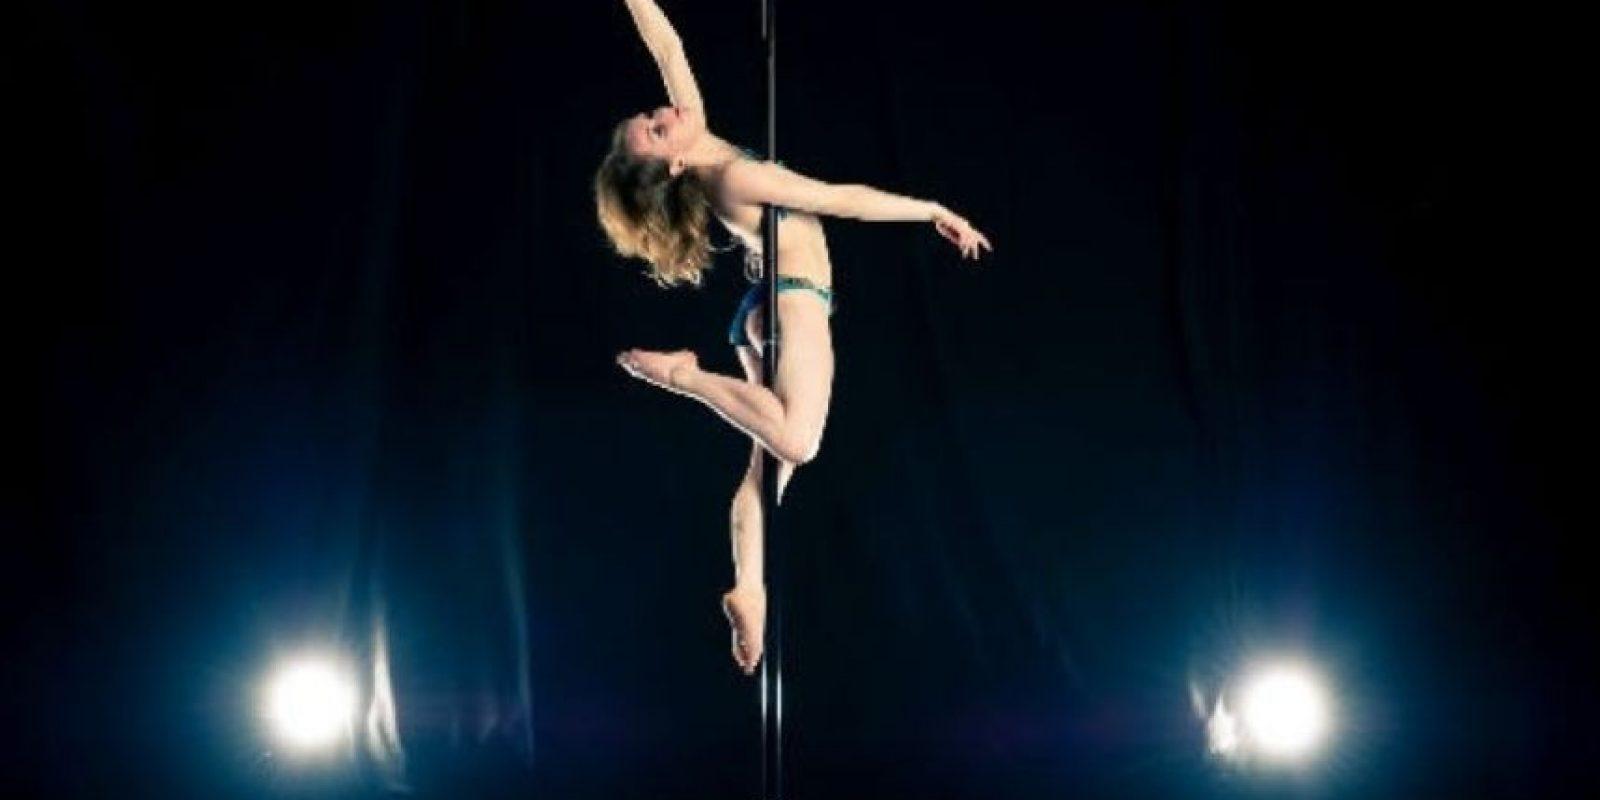 El pole dance también implica gran esfuerzo Foto:Pinterest